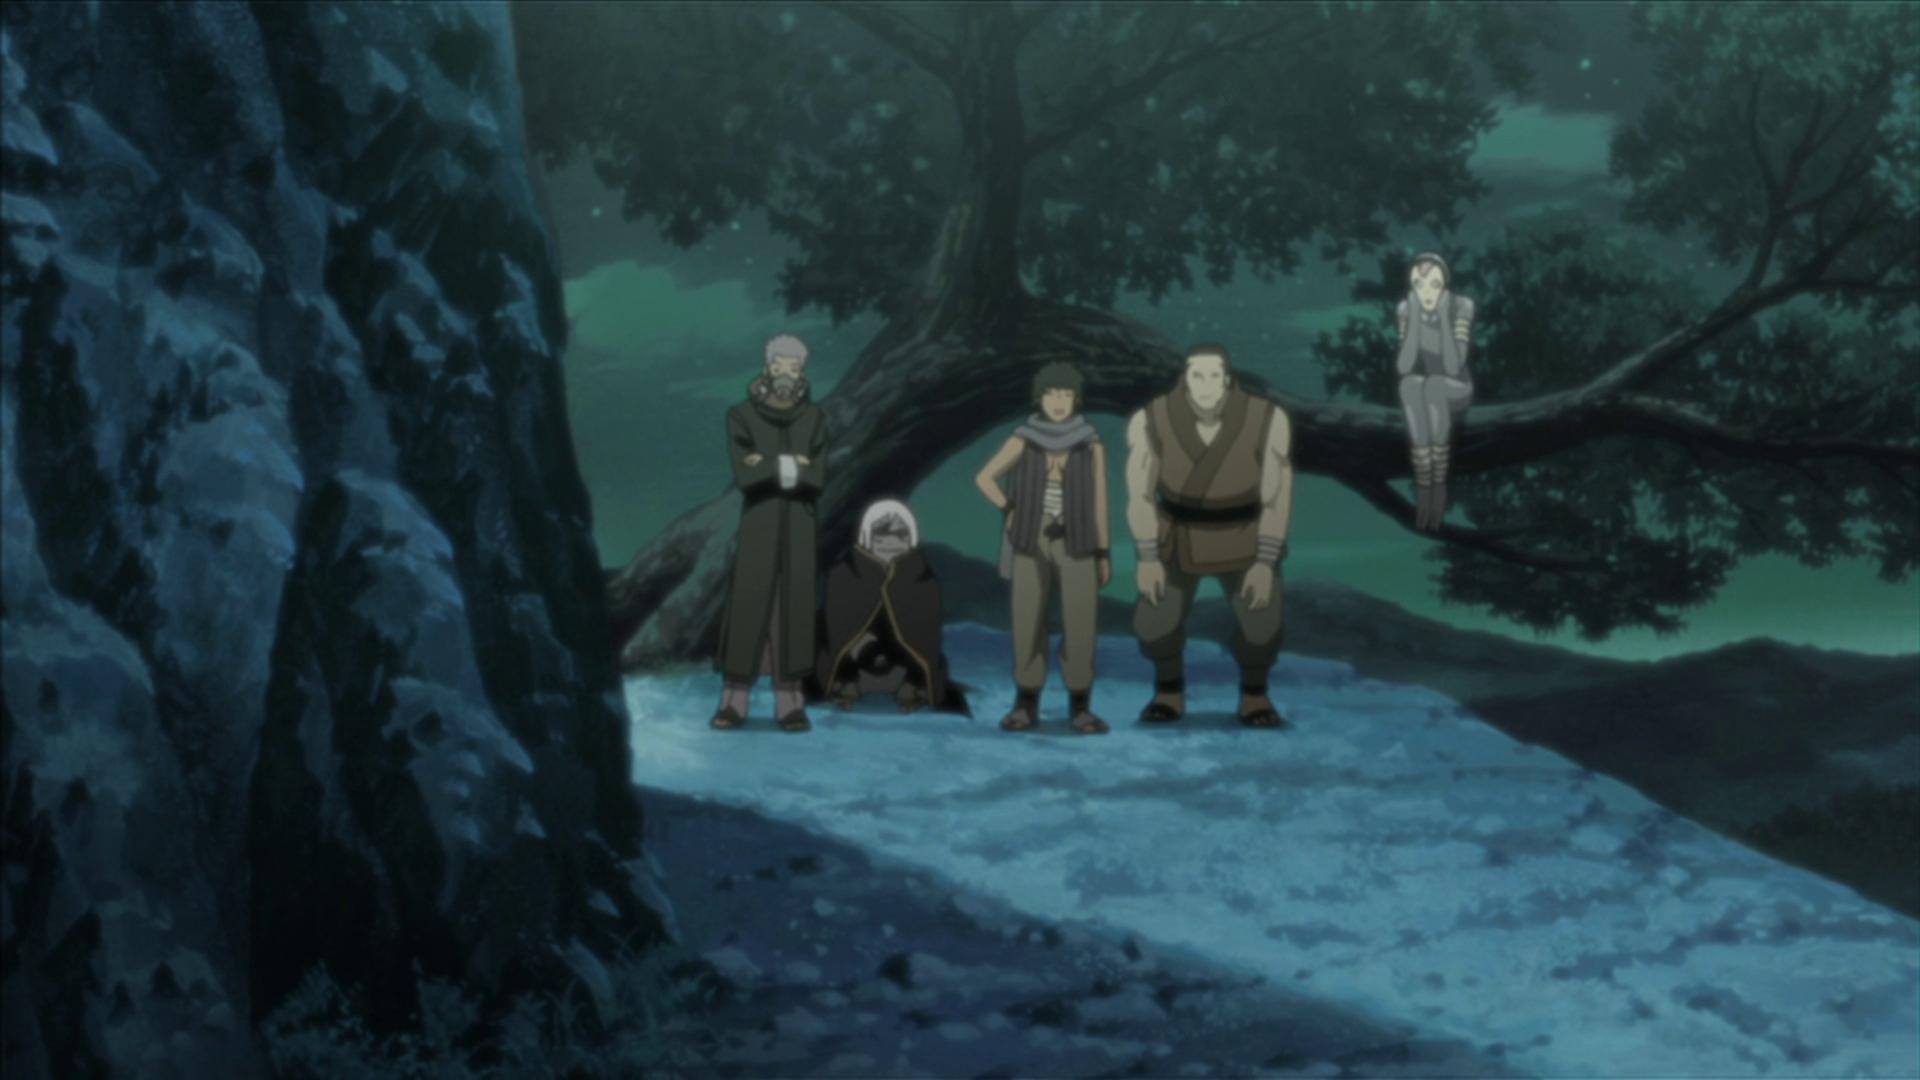 Naruto: Shippuden Episodio 91